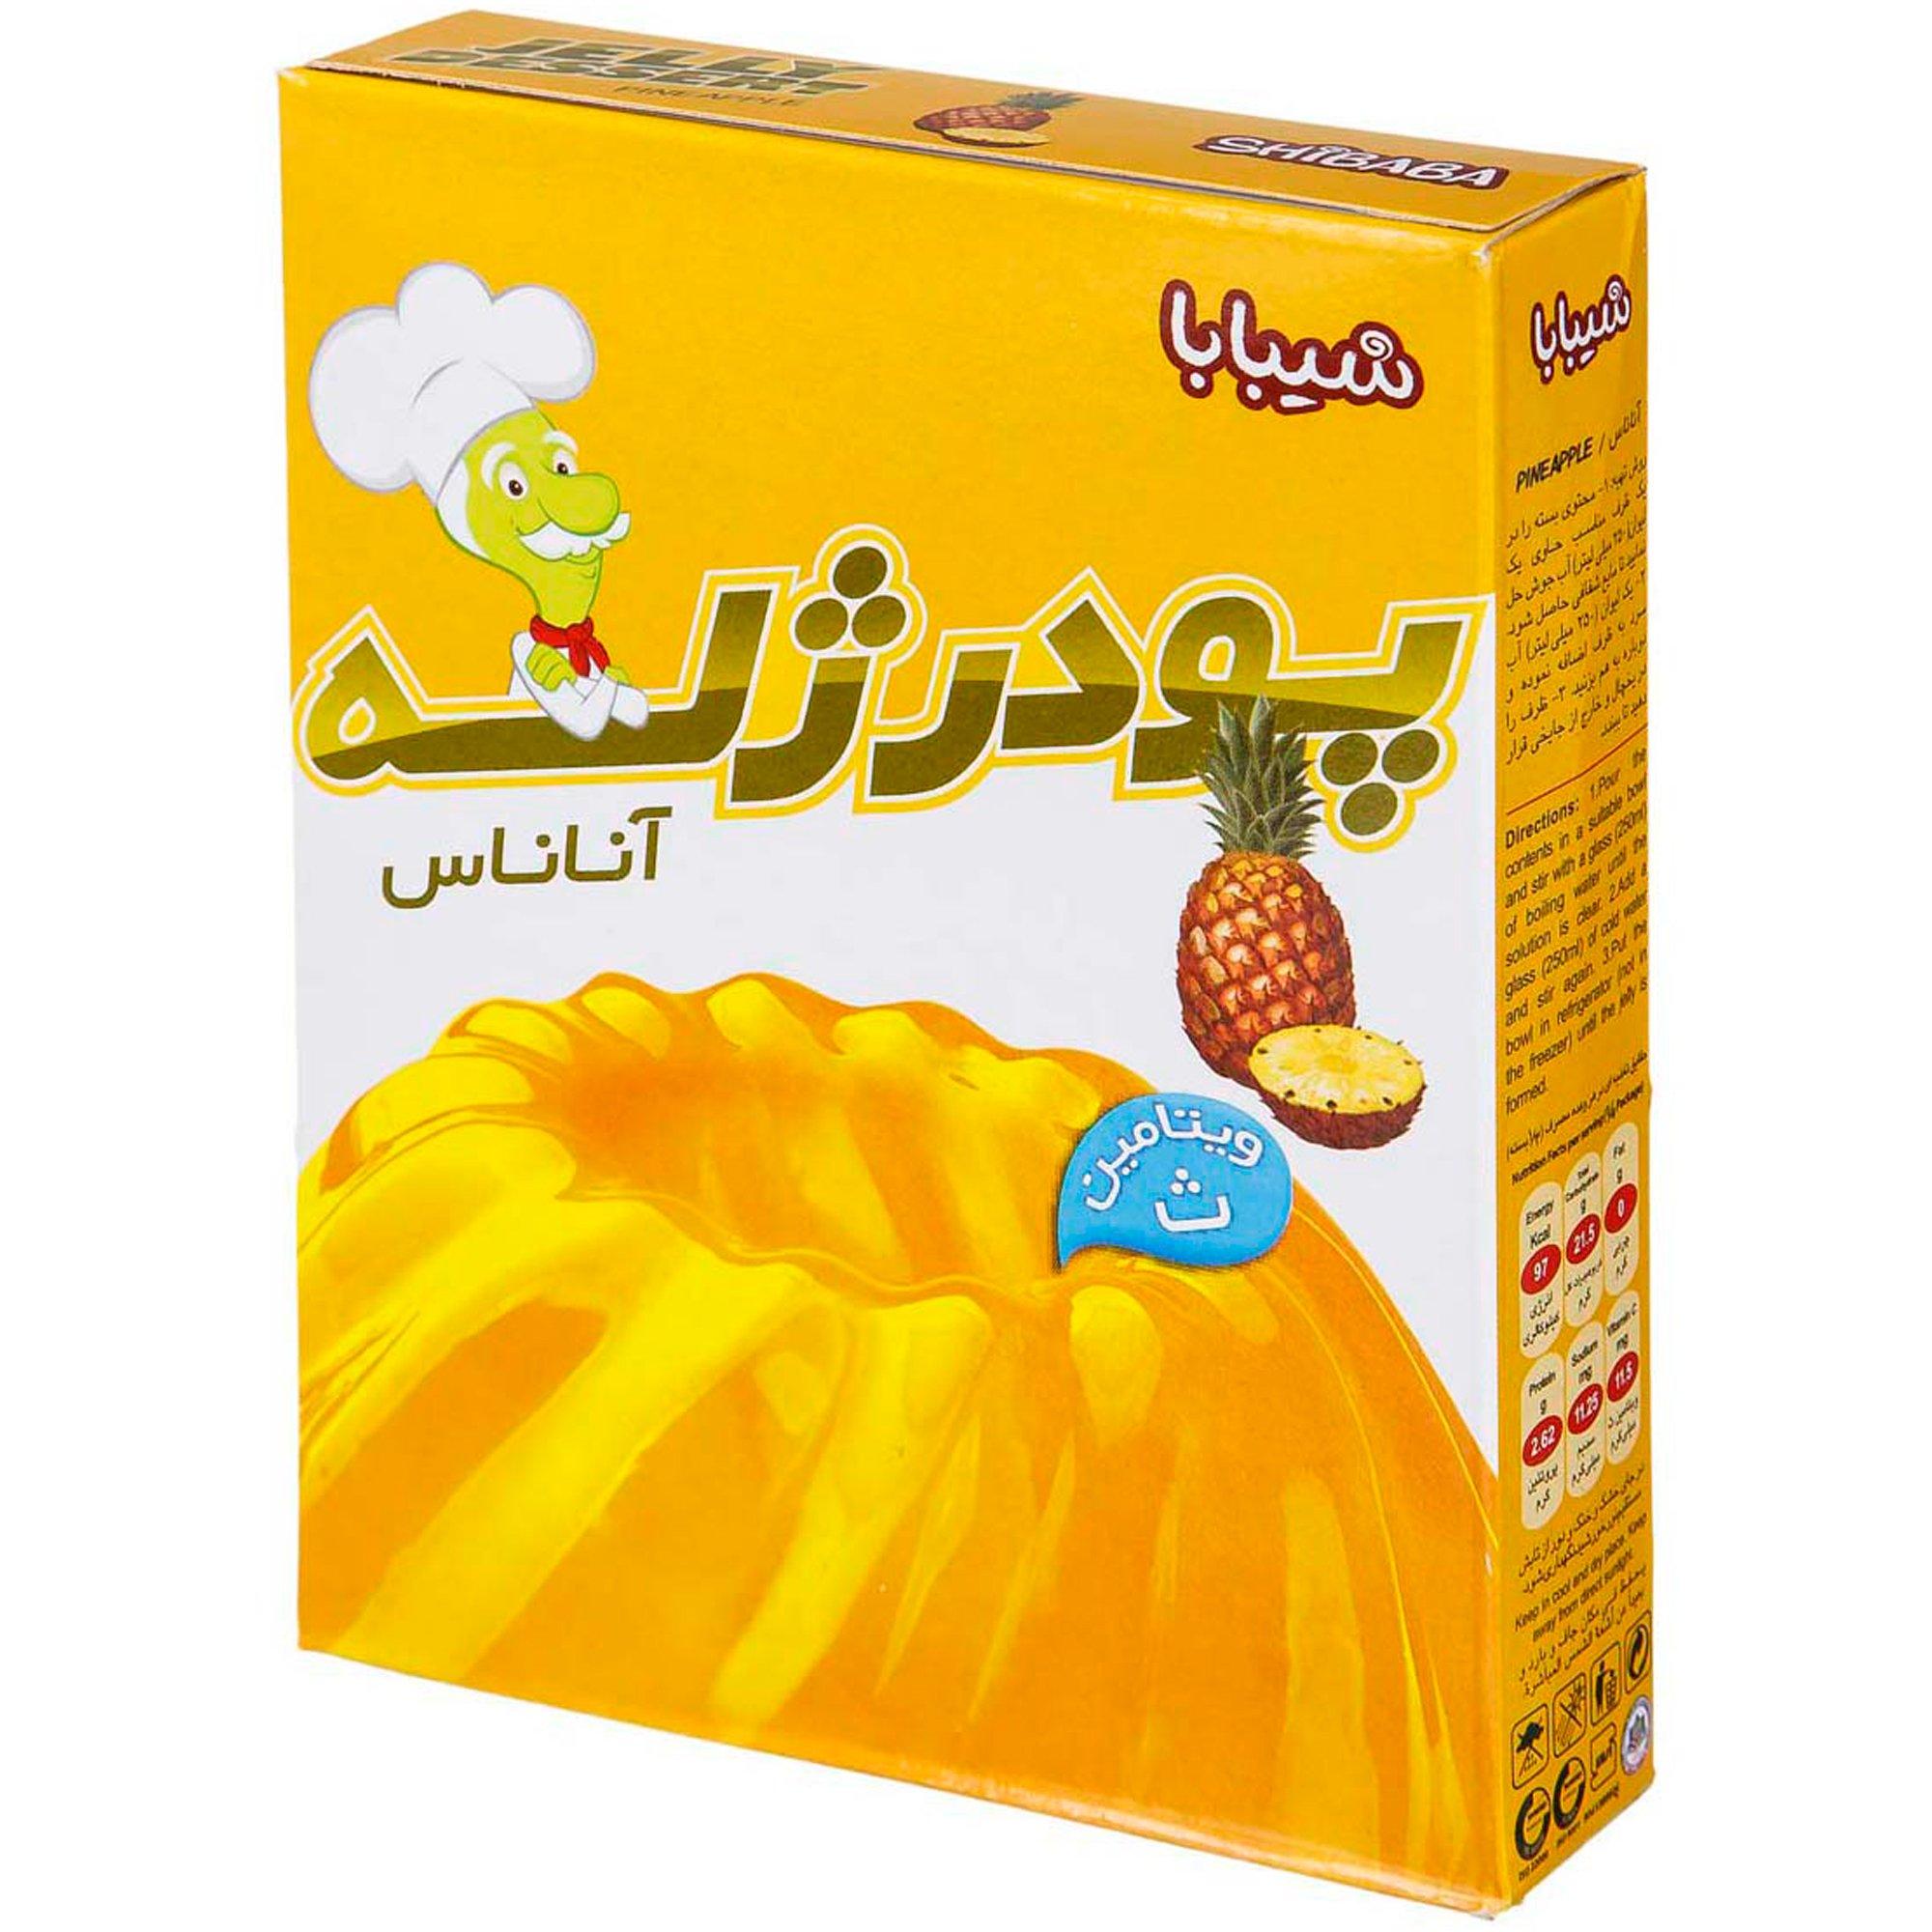 پودر ژله آناناس شیبابا ۱۰۰ گرمی